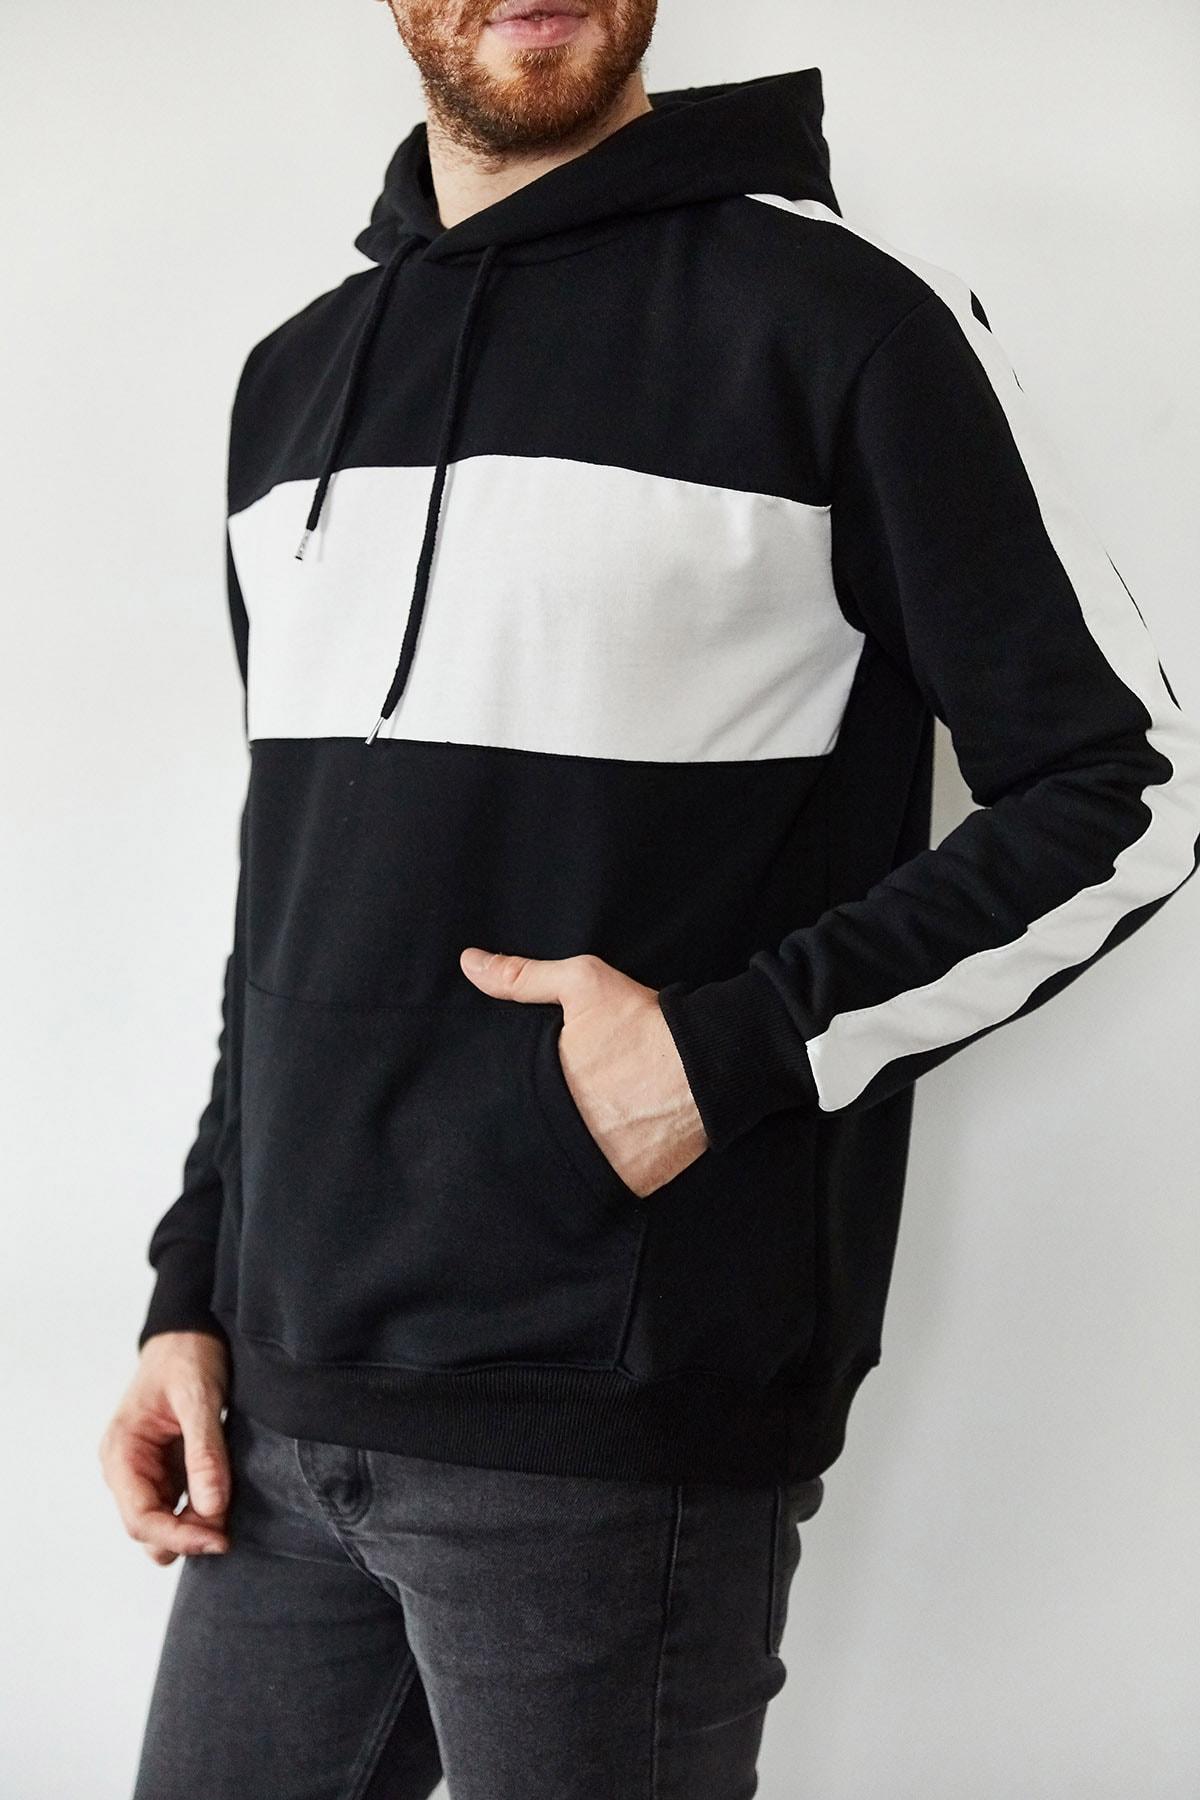 XHAN Erkek Siyah Beyaz Blok Detaylı Kapüşonlu Sweatshirt 1kxe8-44169-02 1